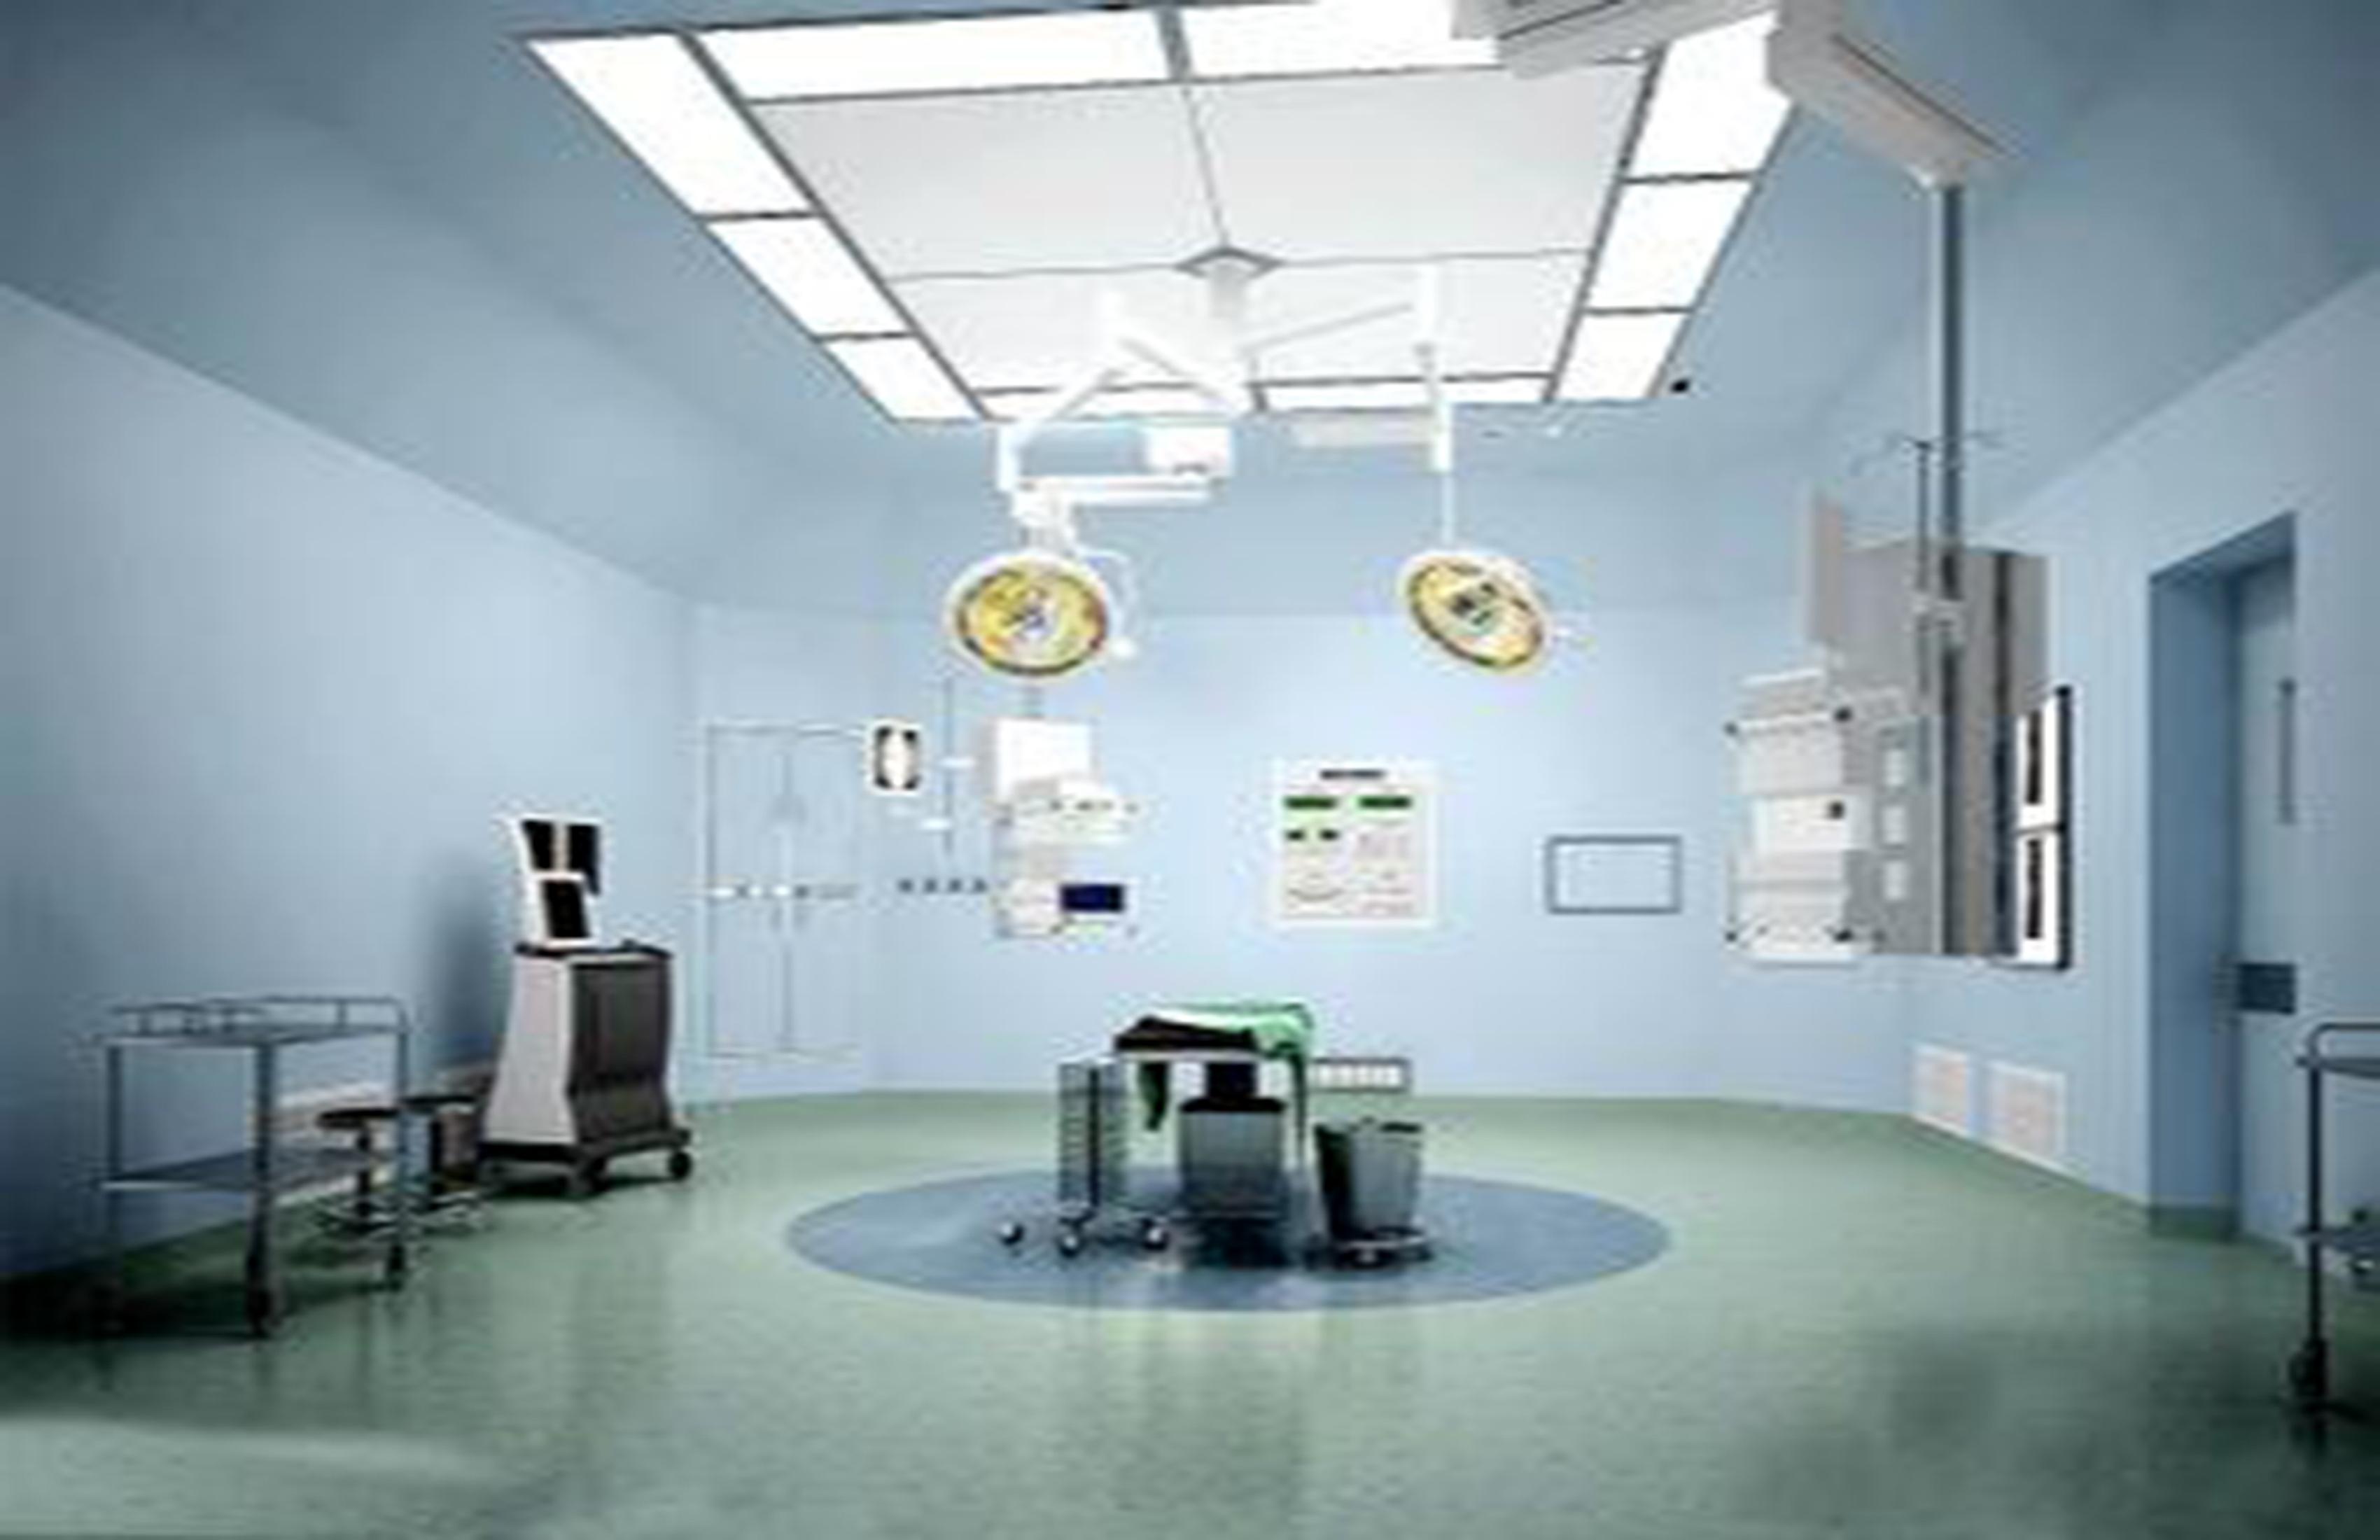 手术室装修照明设计要注意哪些要求